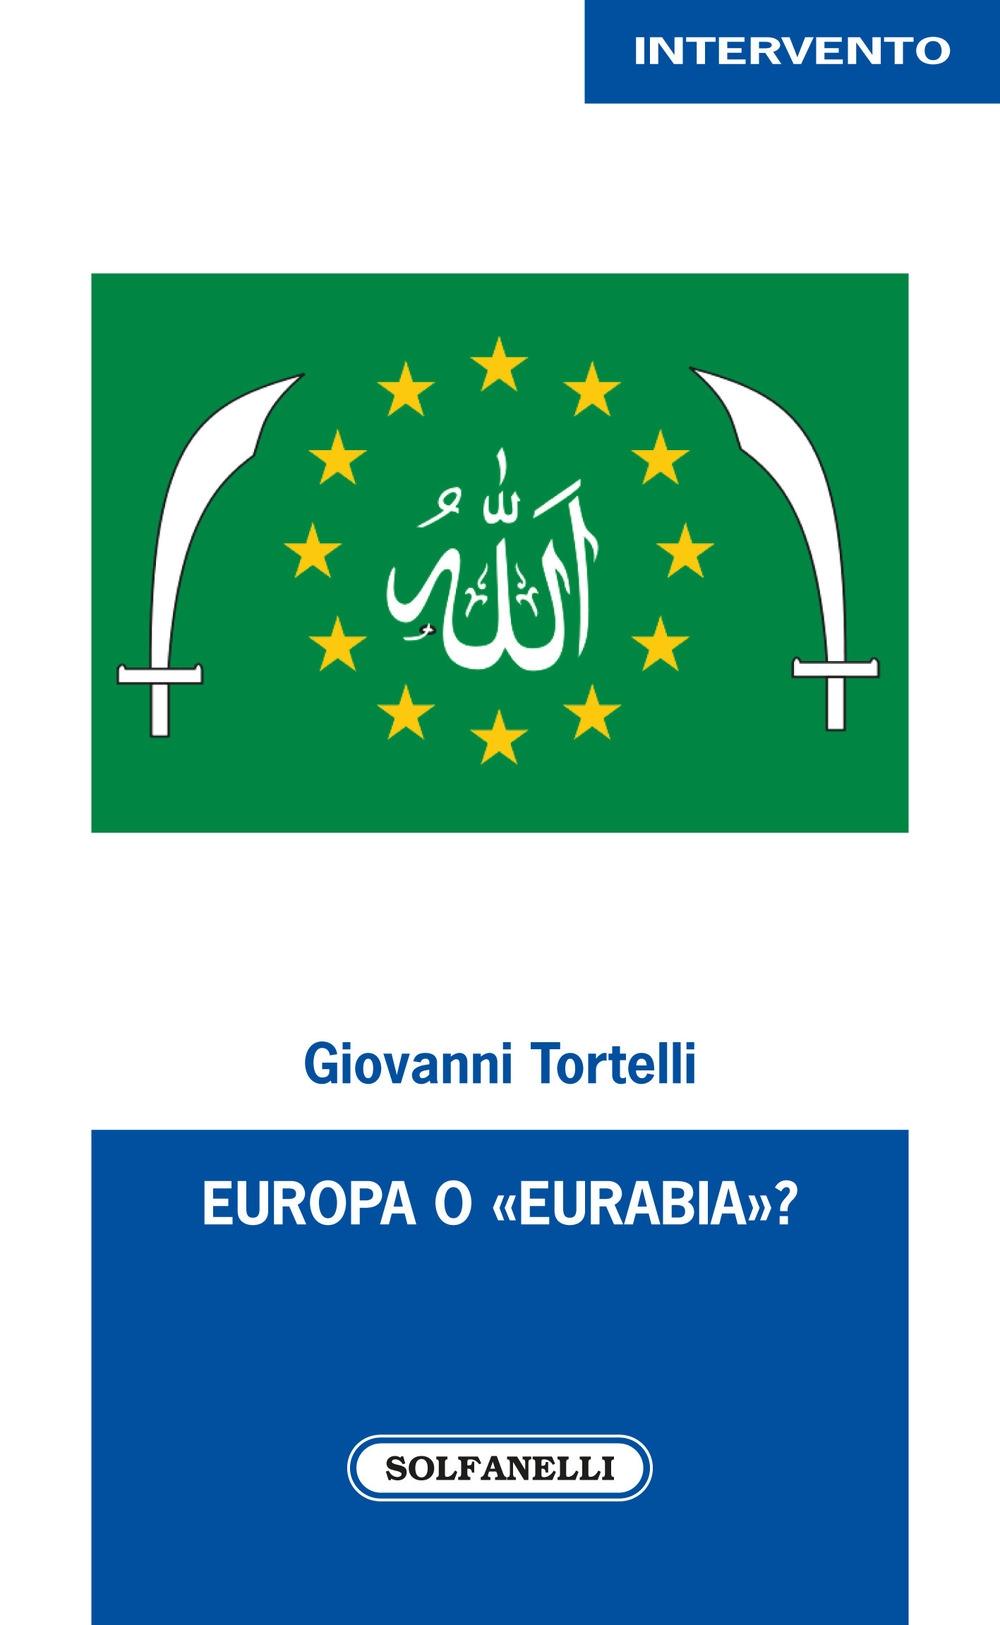 Europa O «Eurabia»? I fatti, i fenomeni e le responsabilità delle inerti democrazie europee di fronte alle tragiche e ininterrotte migrazioni di popoli